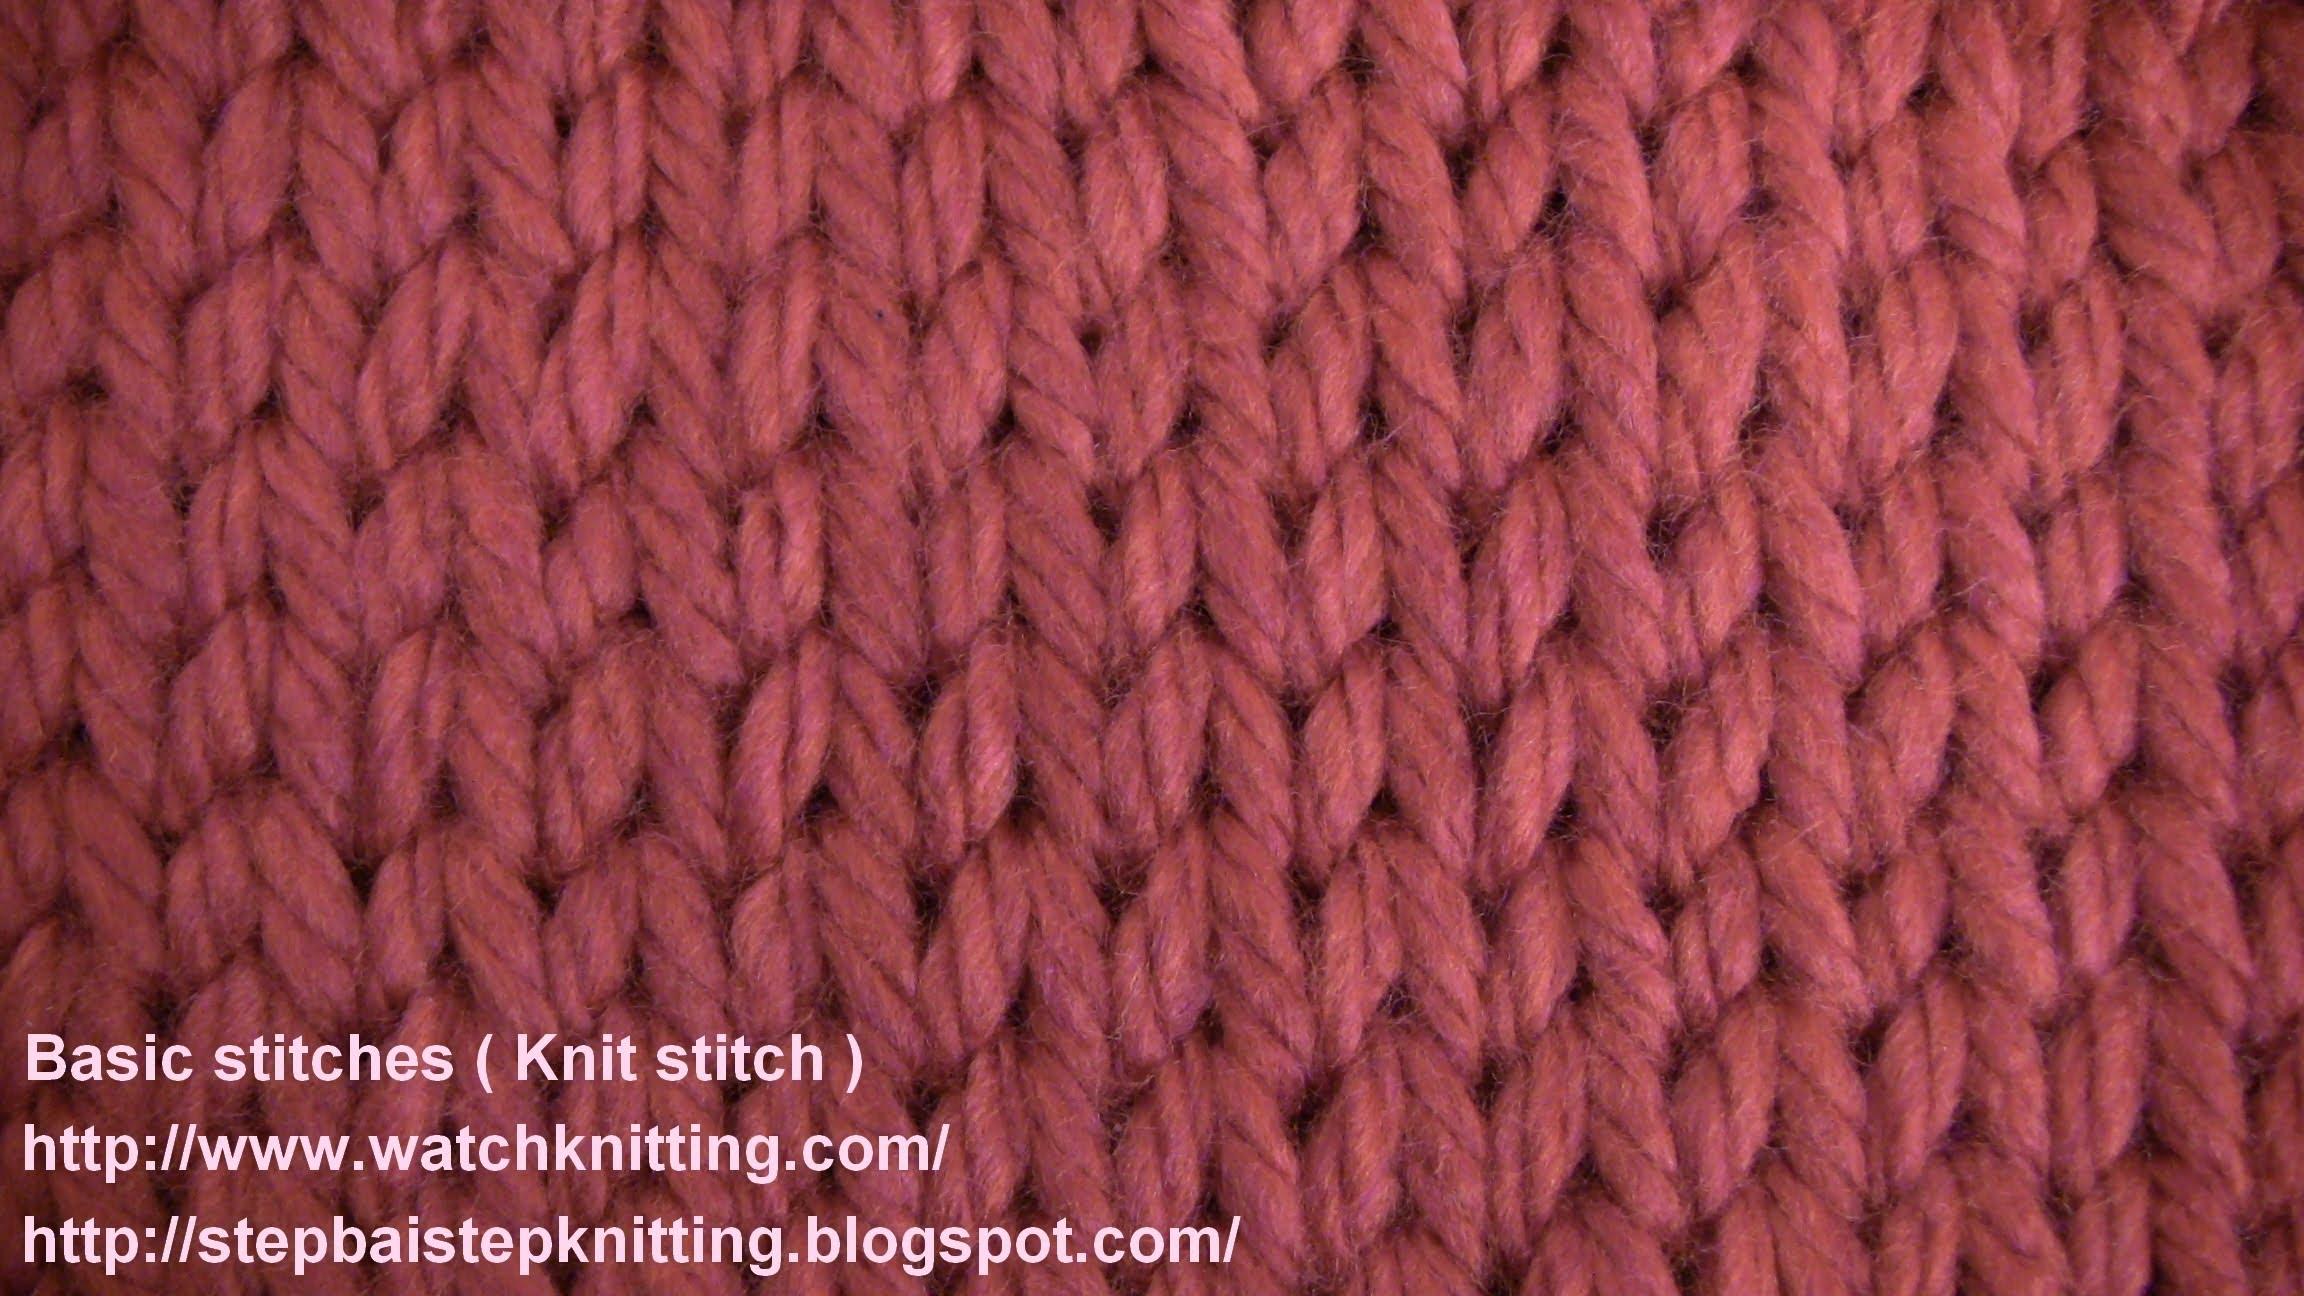 knitting stitches stokinett stitch- (knit stitch) - watch knitting - lesson 2 - learn how zswzvjk